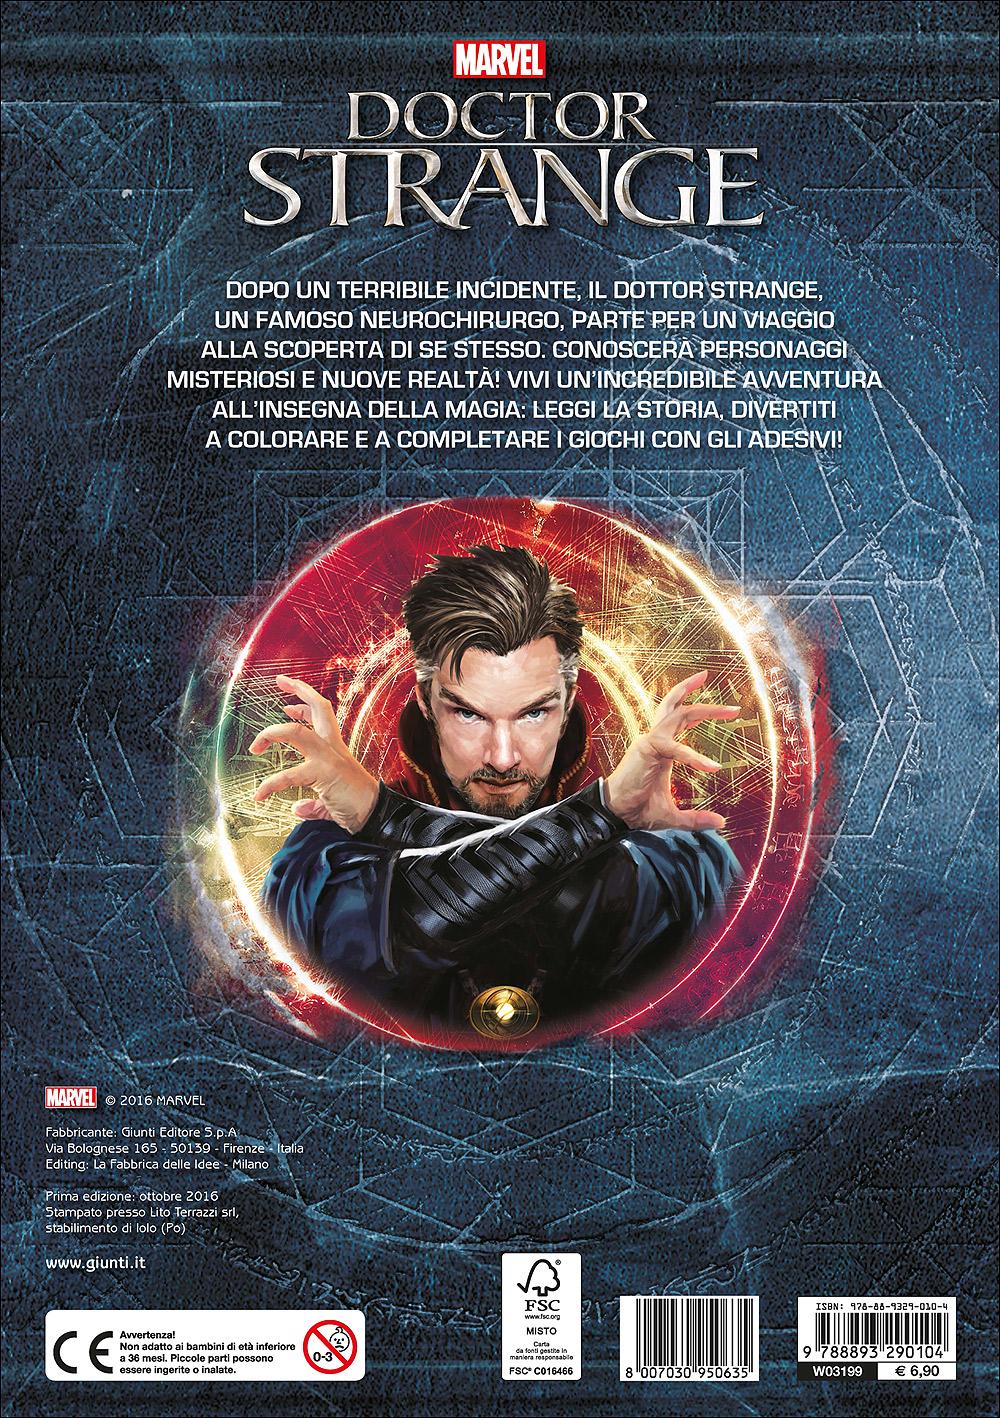 Attacca gli eroi - Doctor Strange. Gioca, colora e attacca gli eroi